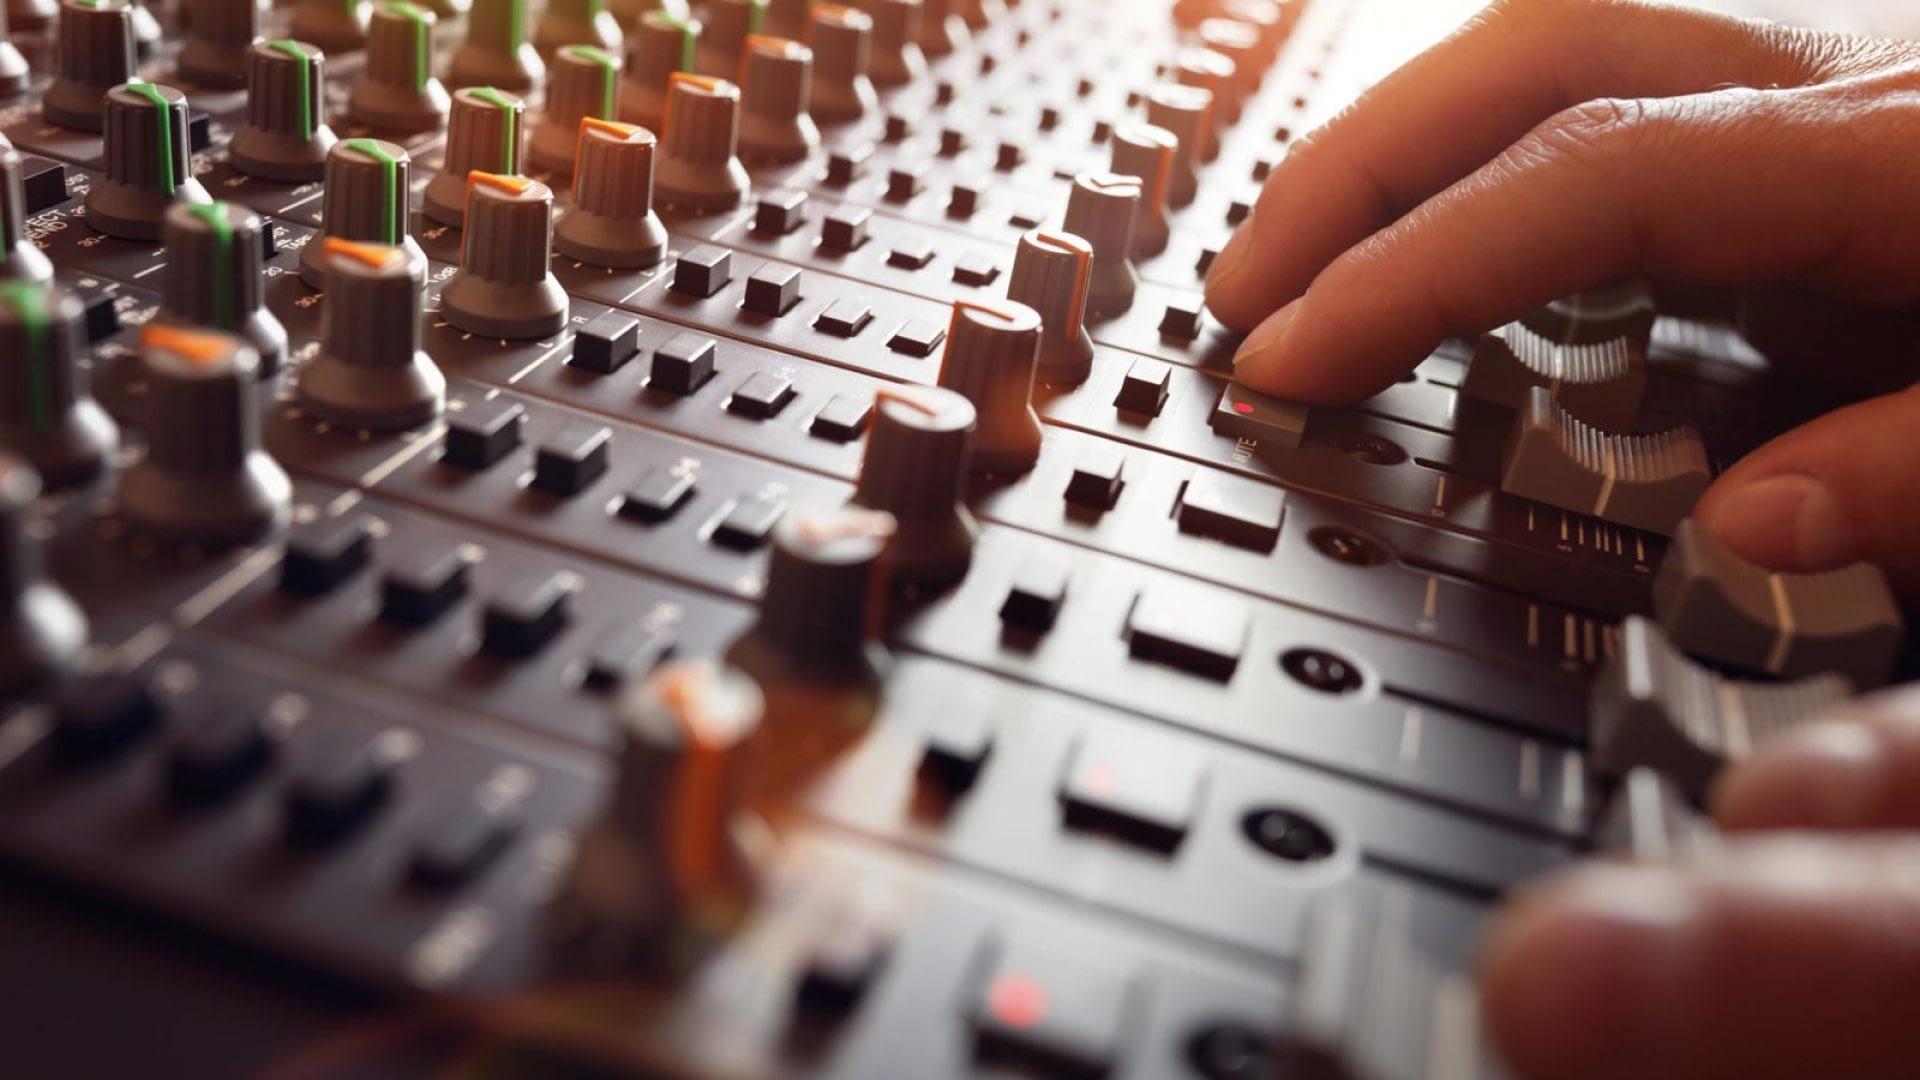 Nyhet! Musikproduktion som tillval eller egen kurs.